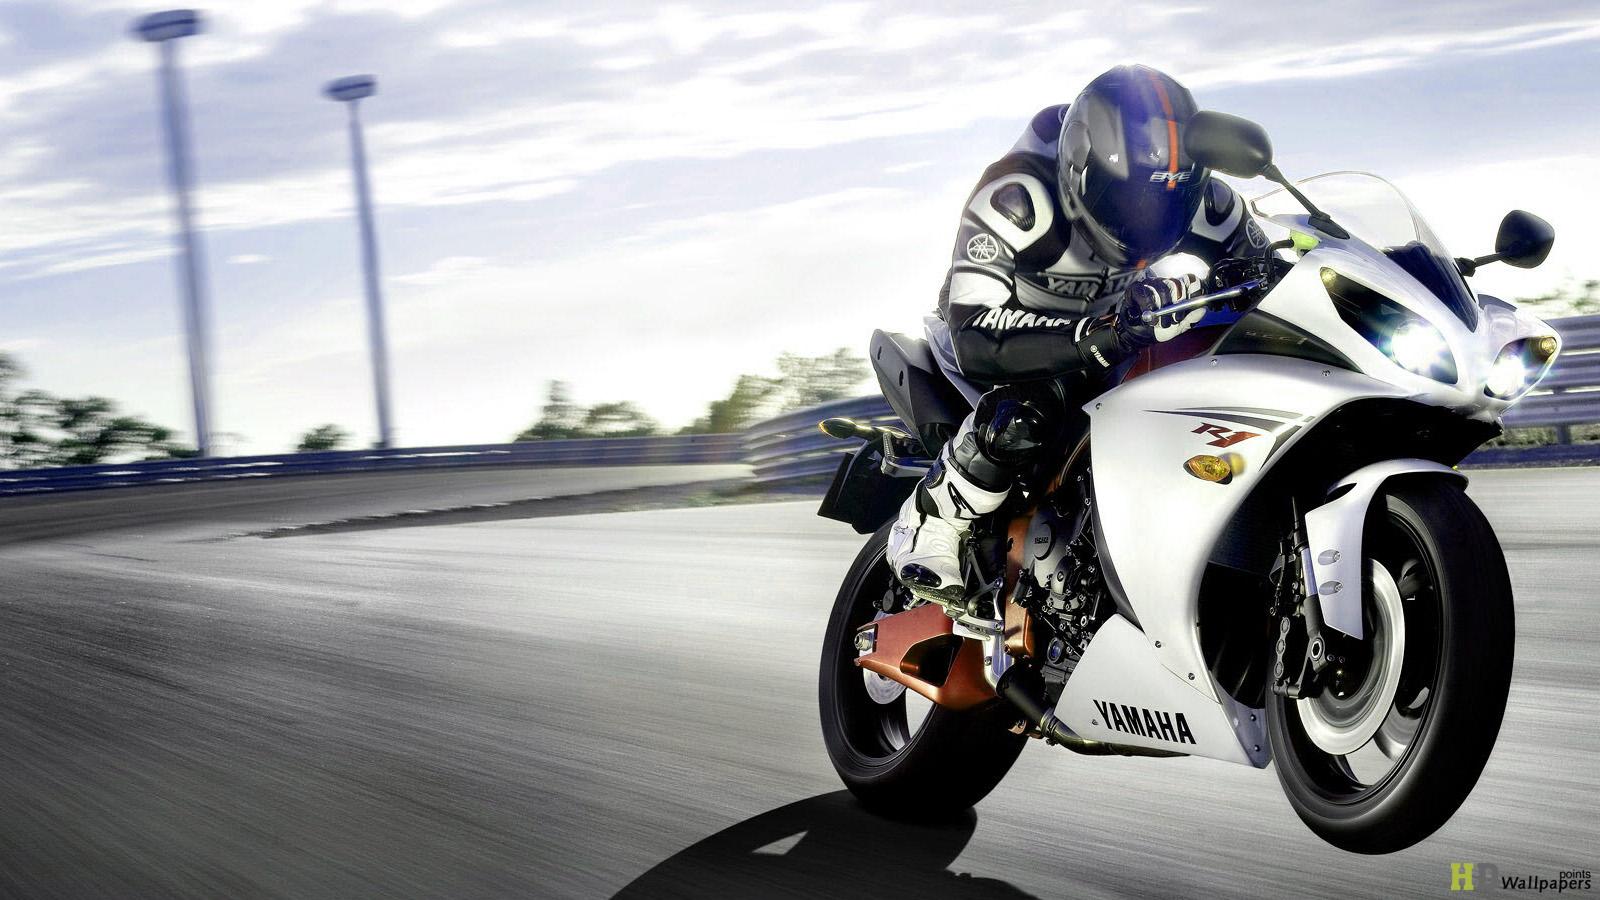 Motorcycle Racing Wallpaper - WallpaperSafari